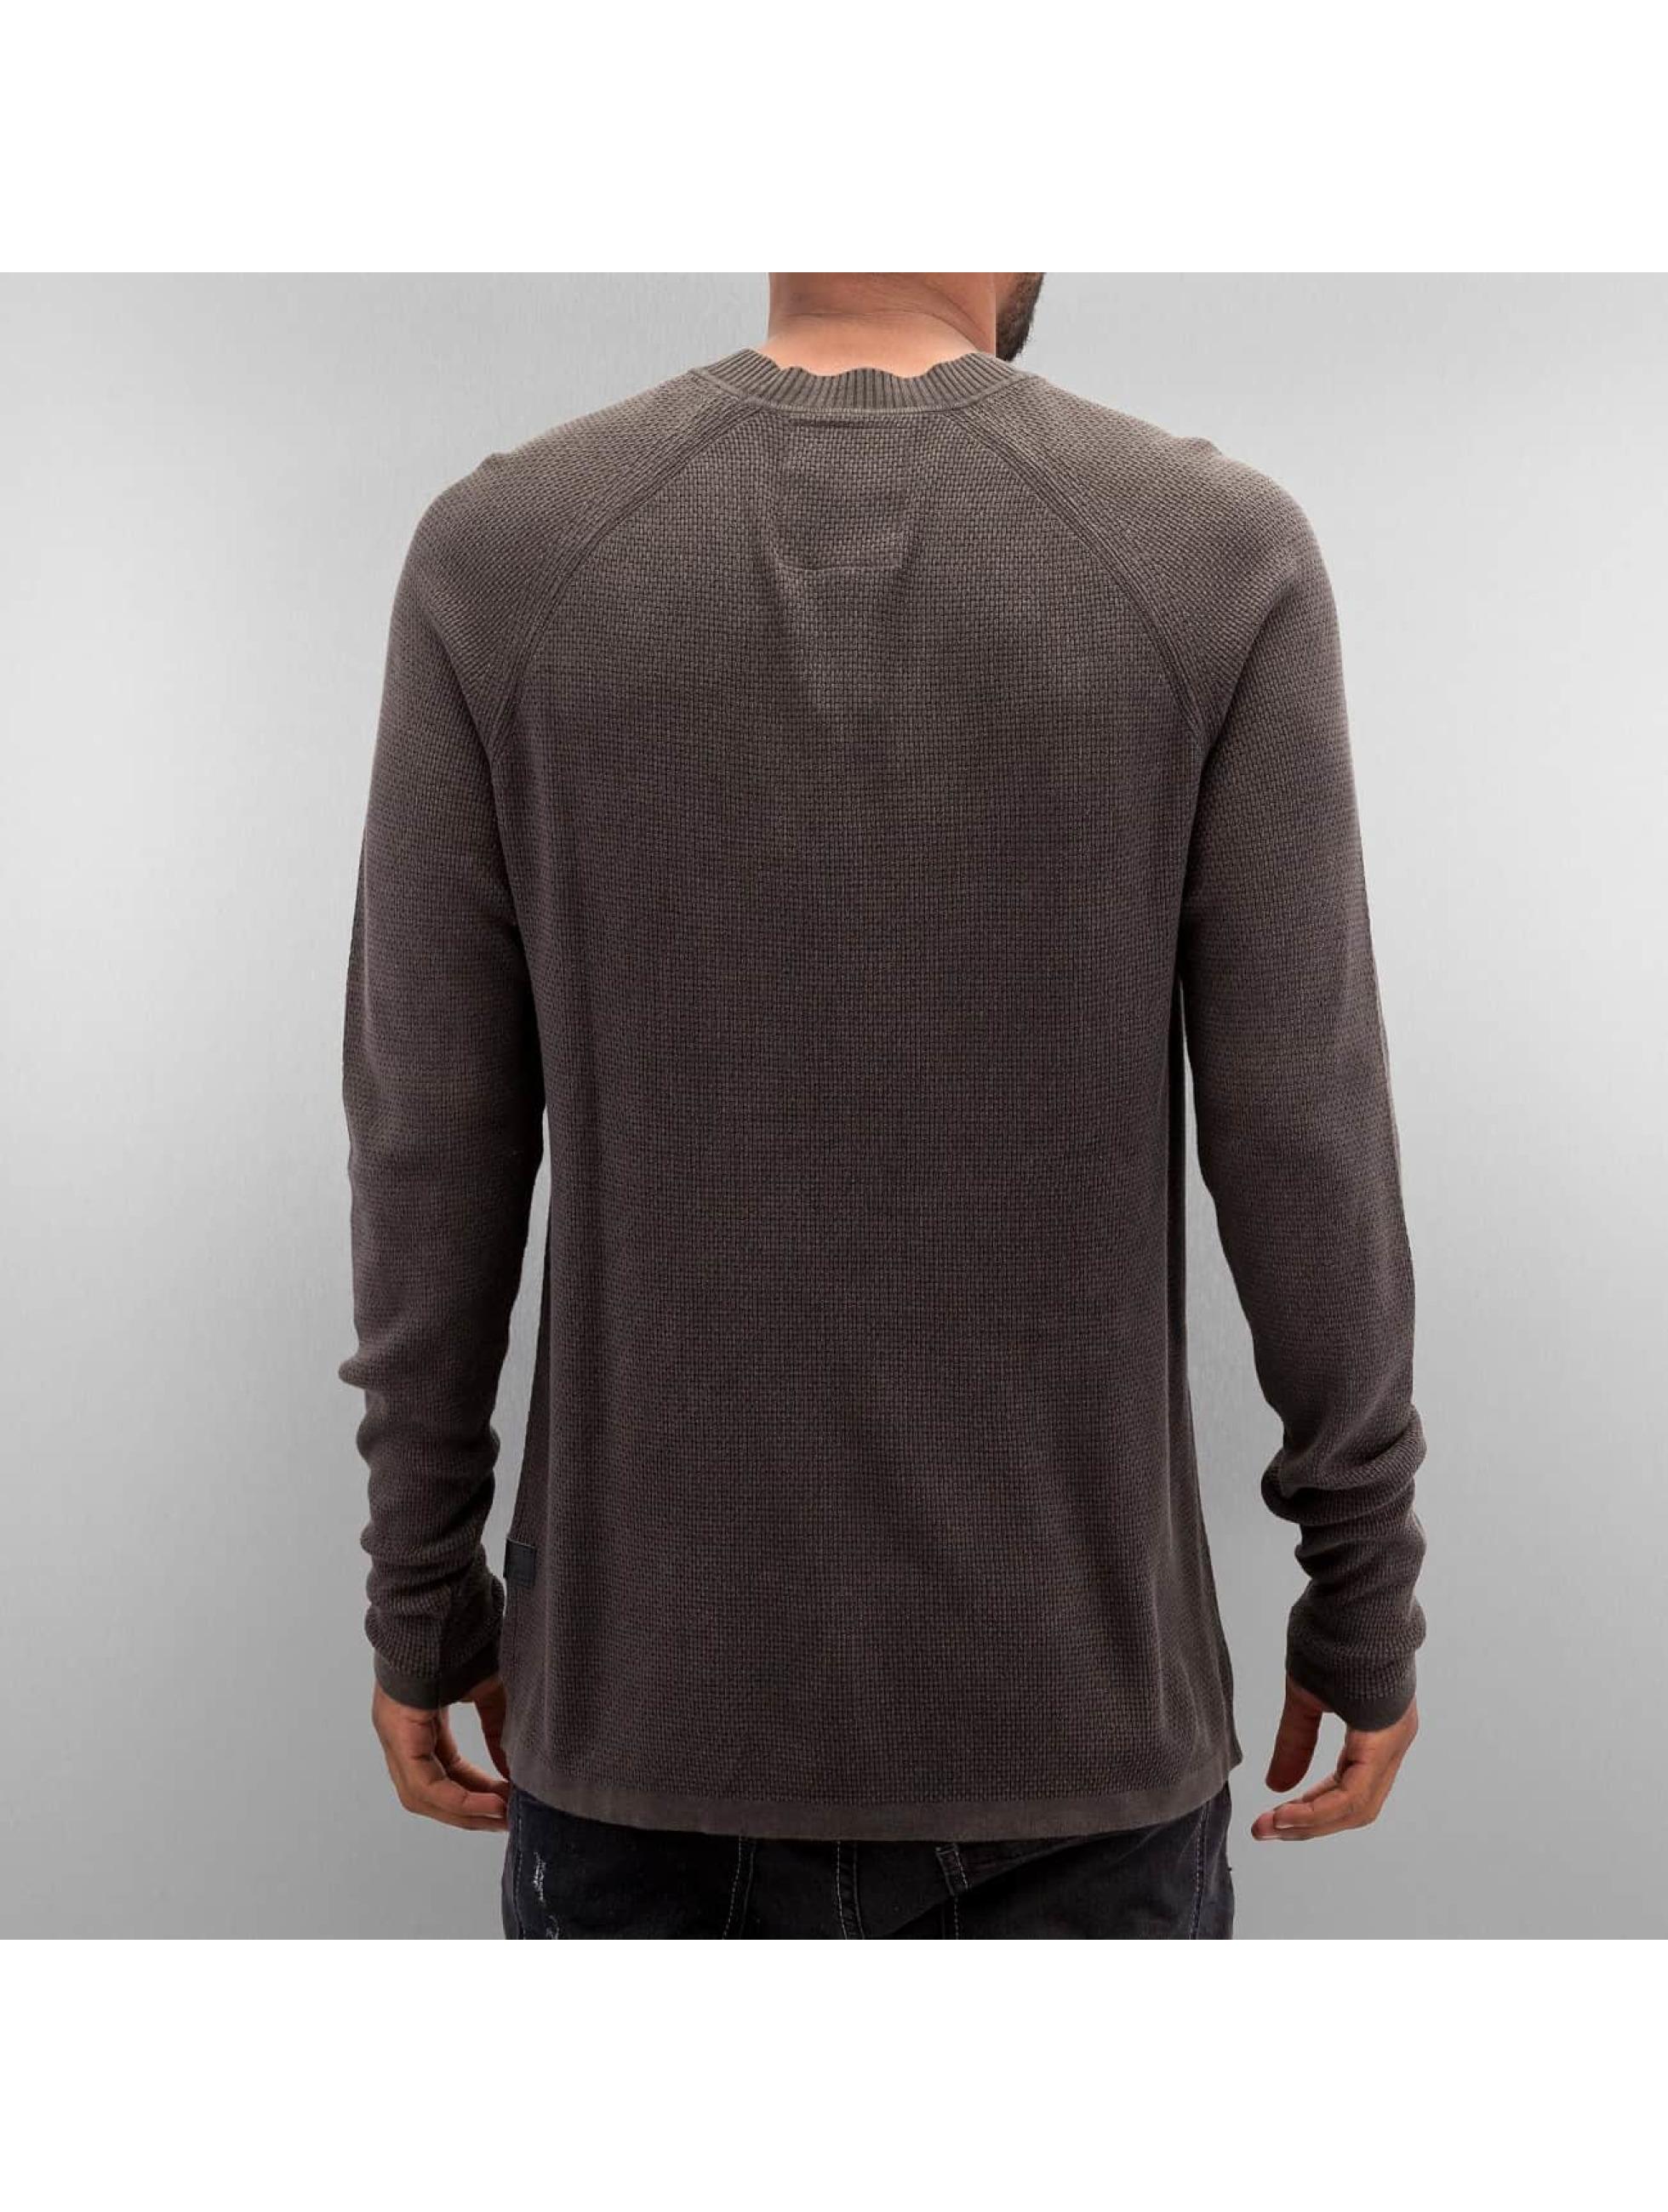 G-Star trui Core Straight Knit bruin